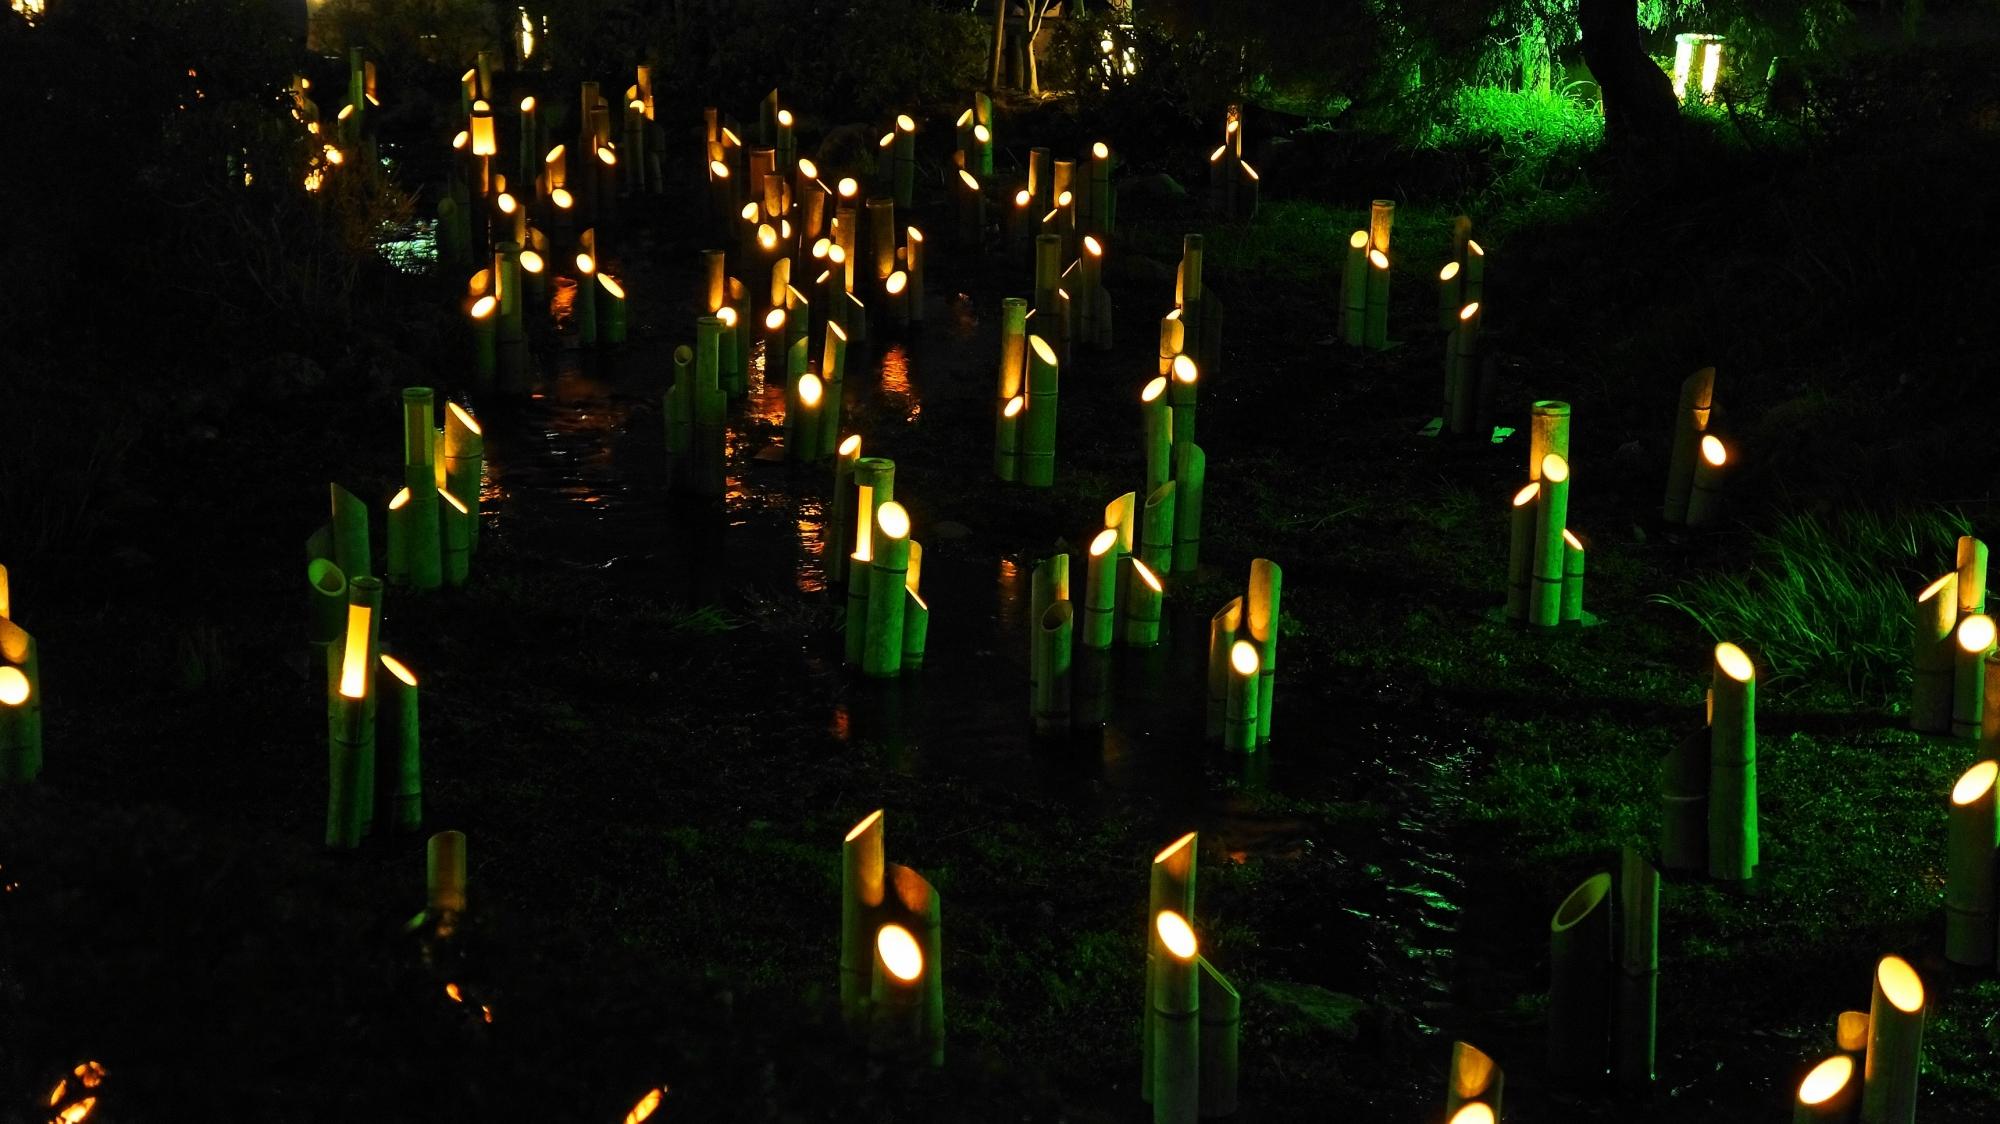 円山公園の東山花灯路の竹灯り